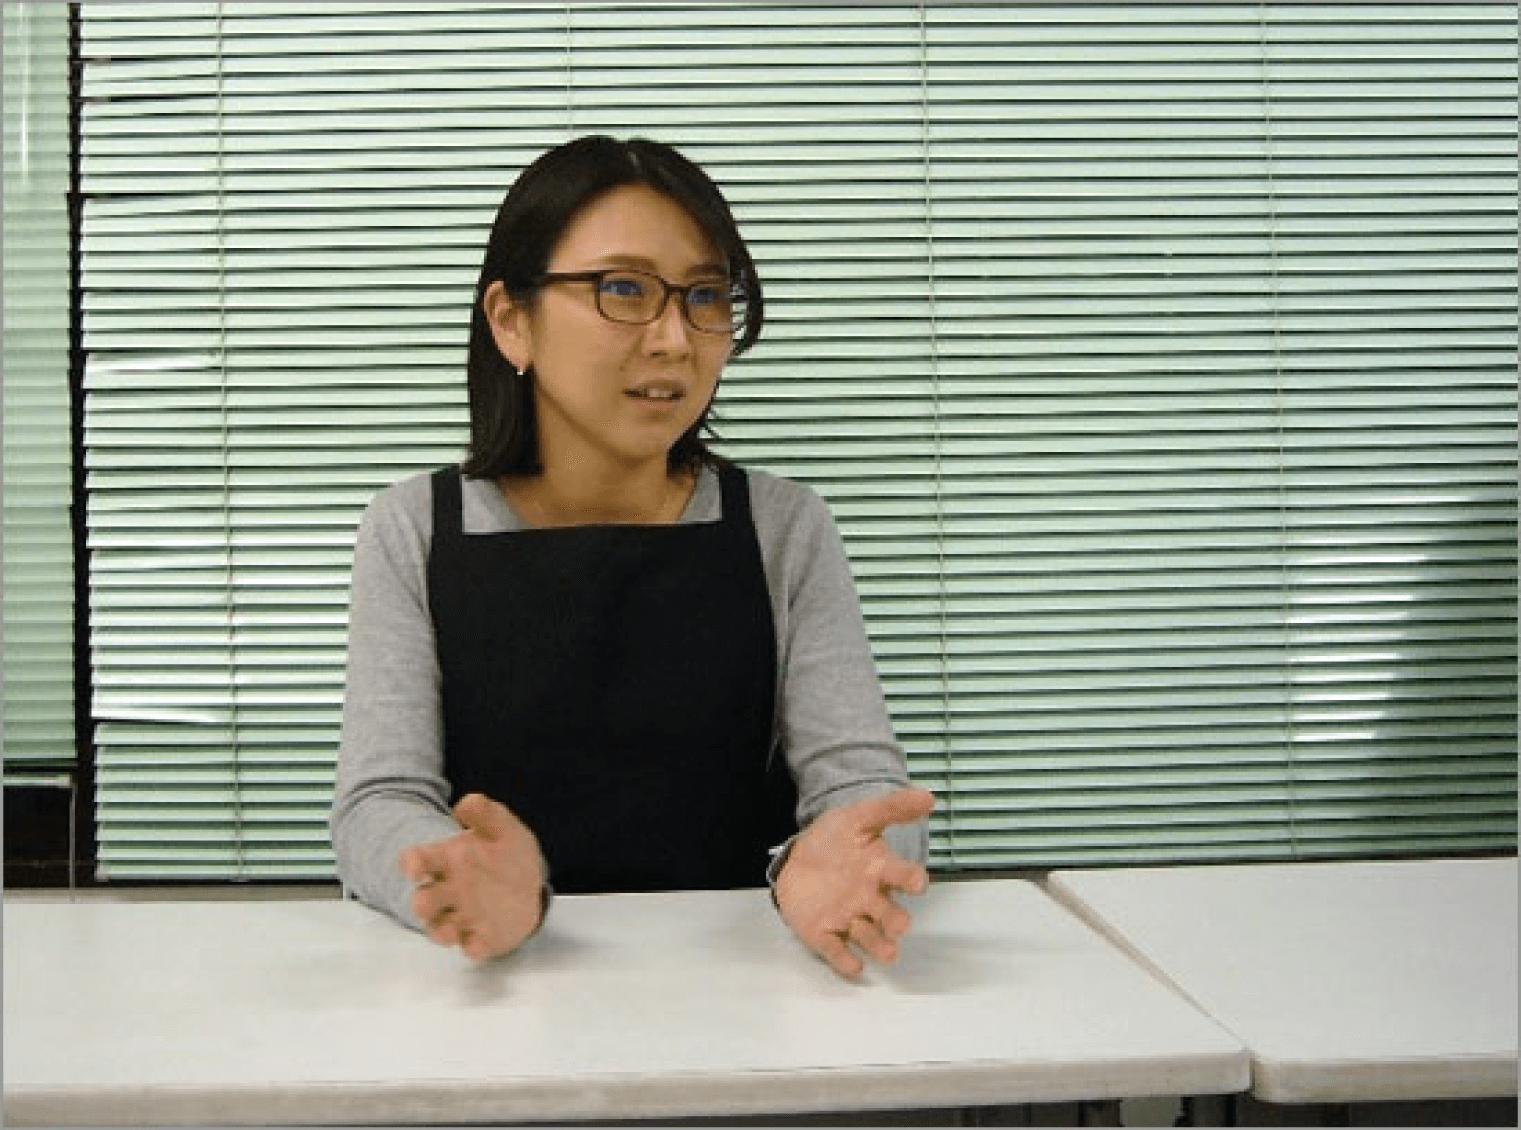 「印刷やファイリングの手間がなくなり助かっている」と語る、日本歯科工業社・営業本部 受注営業課チーフの川名氏